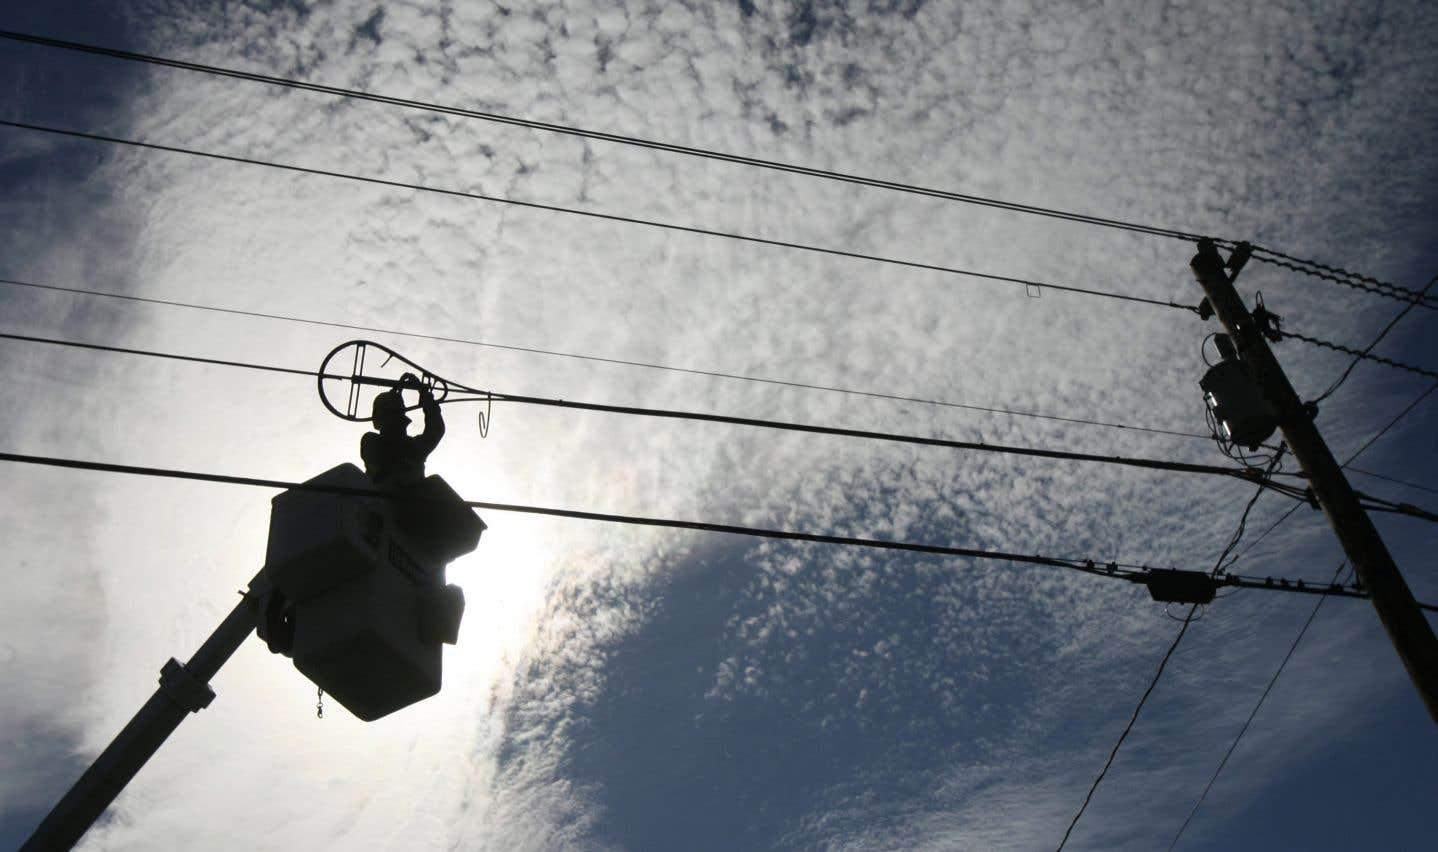 Des solutions pour l'accès à l'Internet haute vitesse existent maintenant pour les municipalités non desservies par les grandes compagnies, soulignent les auteurs.